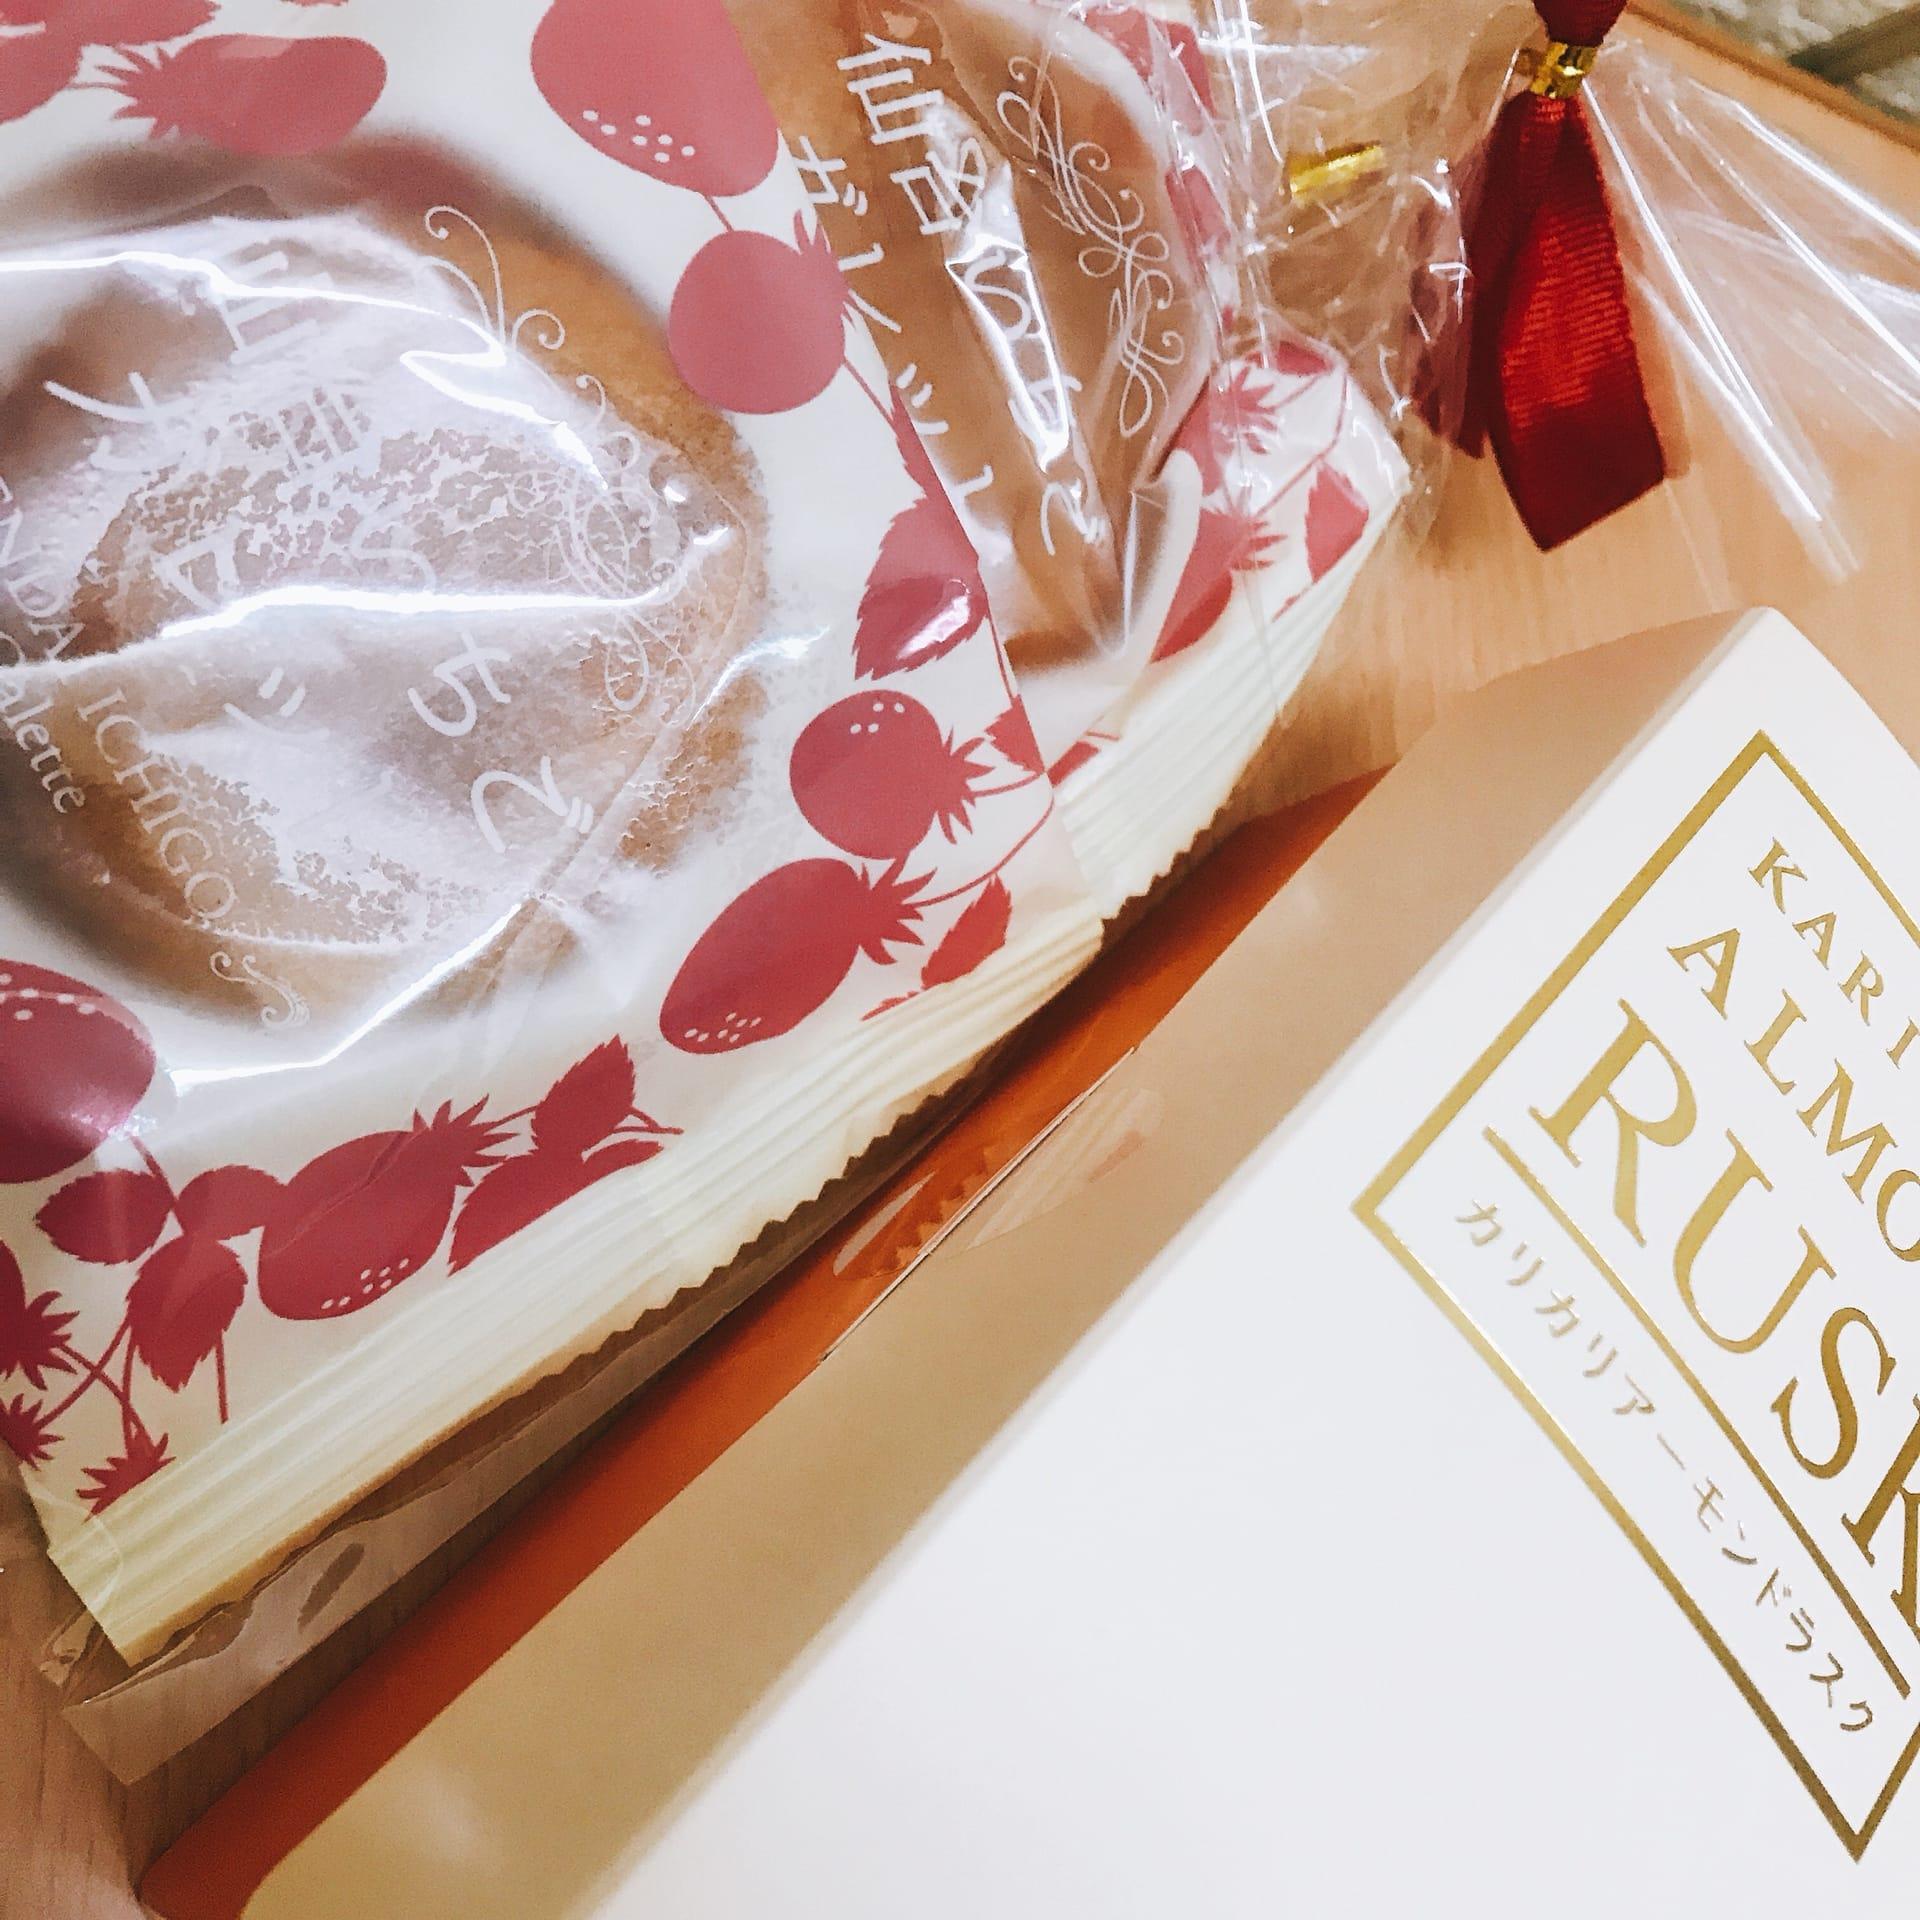 「お礼♡」04/26(木) 02:33 | ルルの写メ・風俗動画